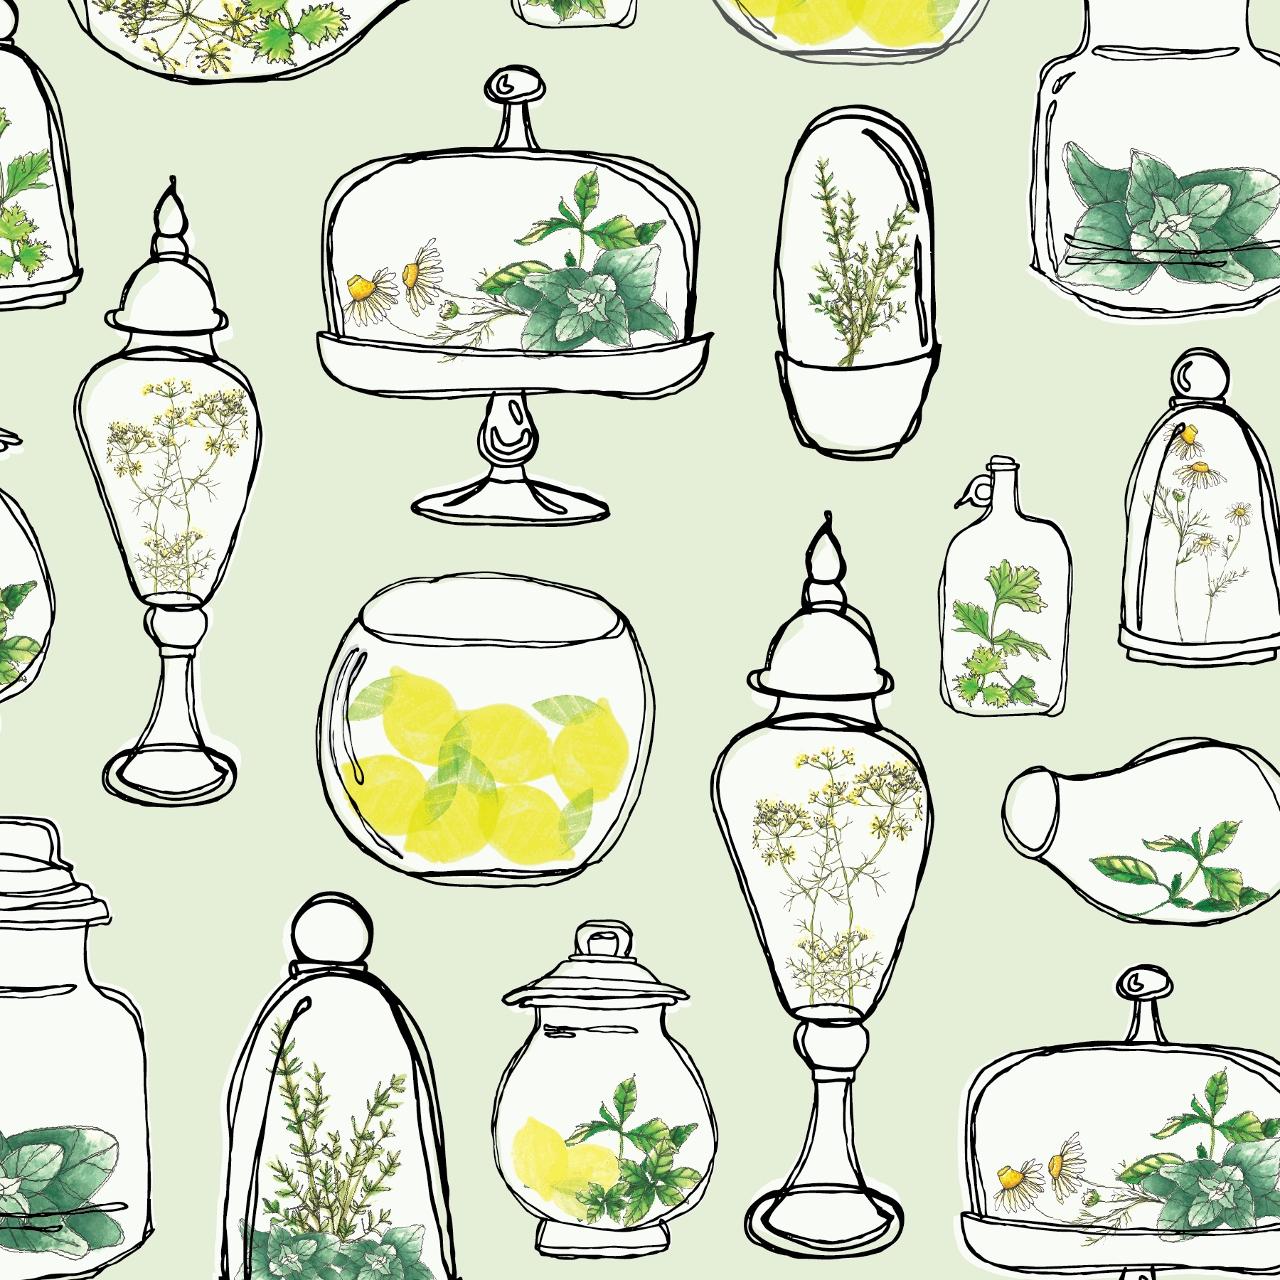 Herbalist Patterns Color 2-04 (1280x1280).jpg